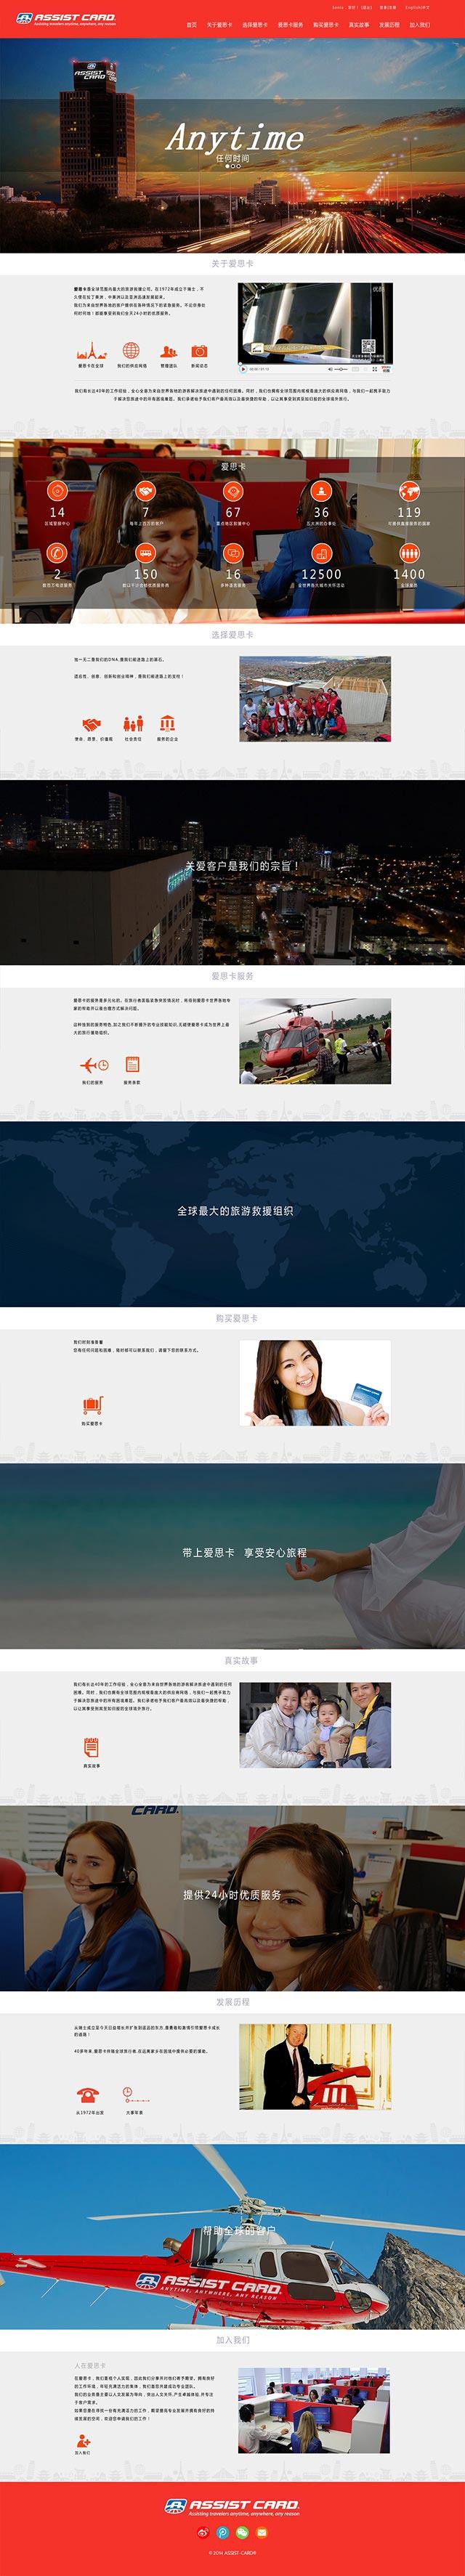 网站设计提升用户体验案例1.jpg